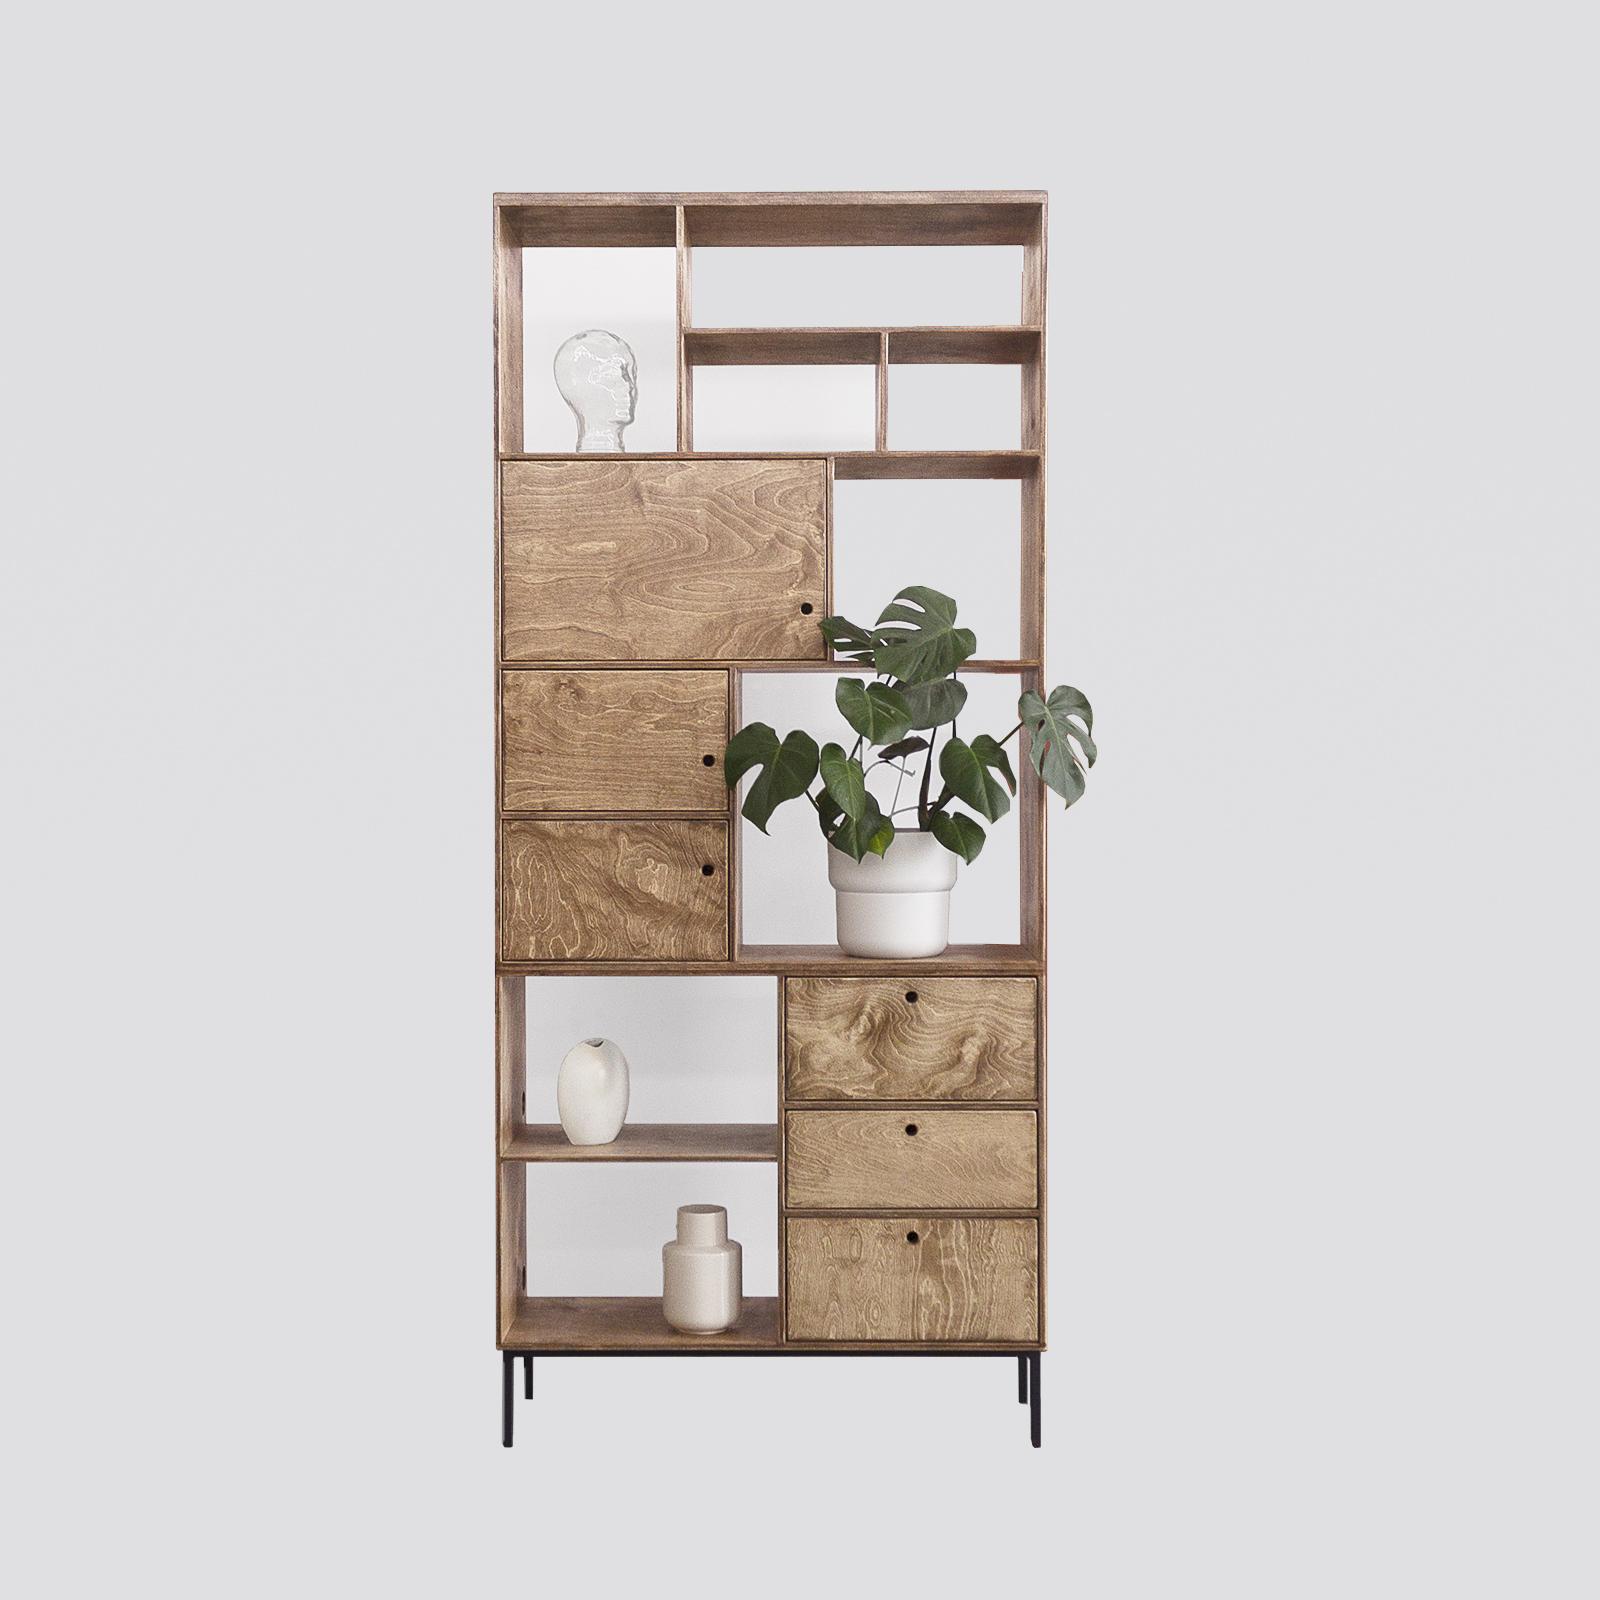 Zdjęcie produktu HOKU.shelf